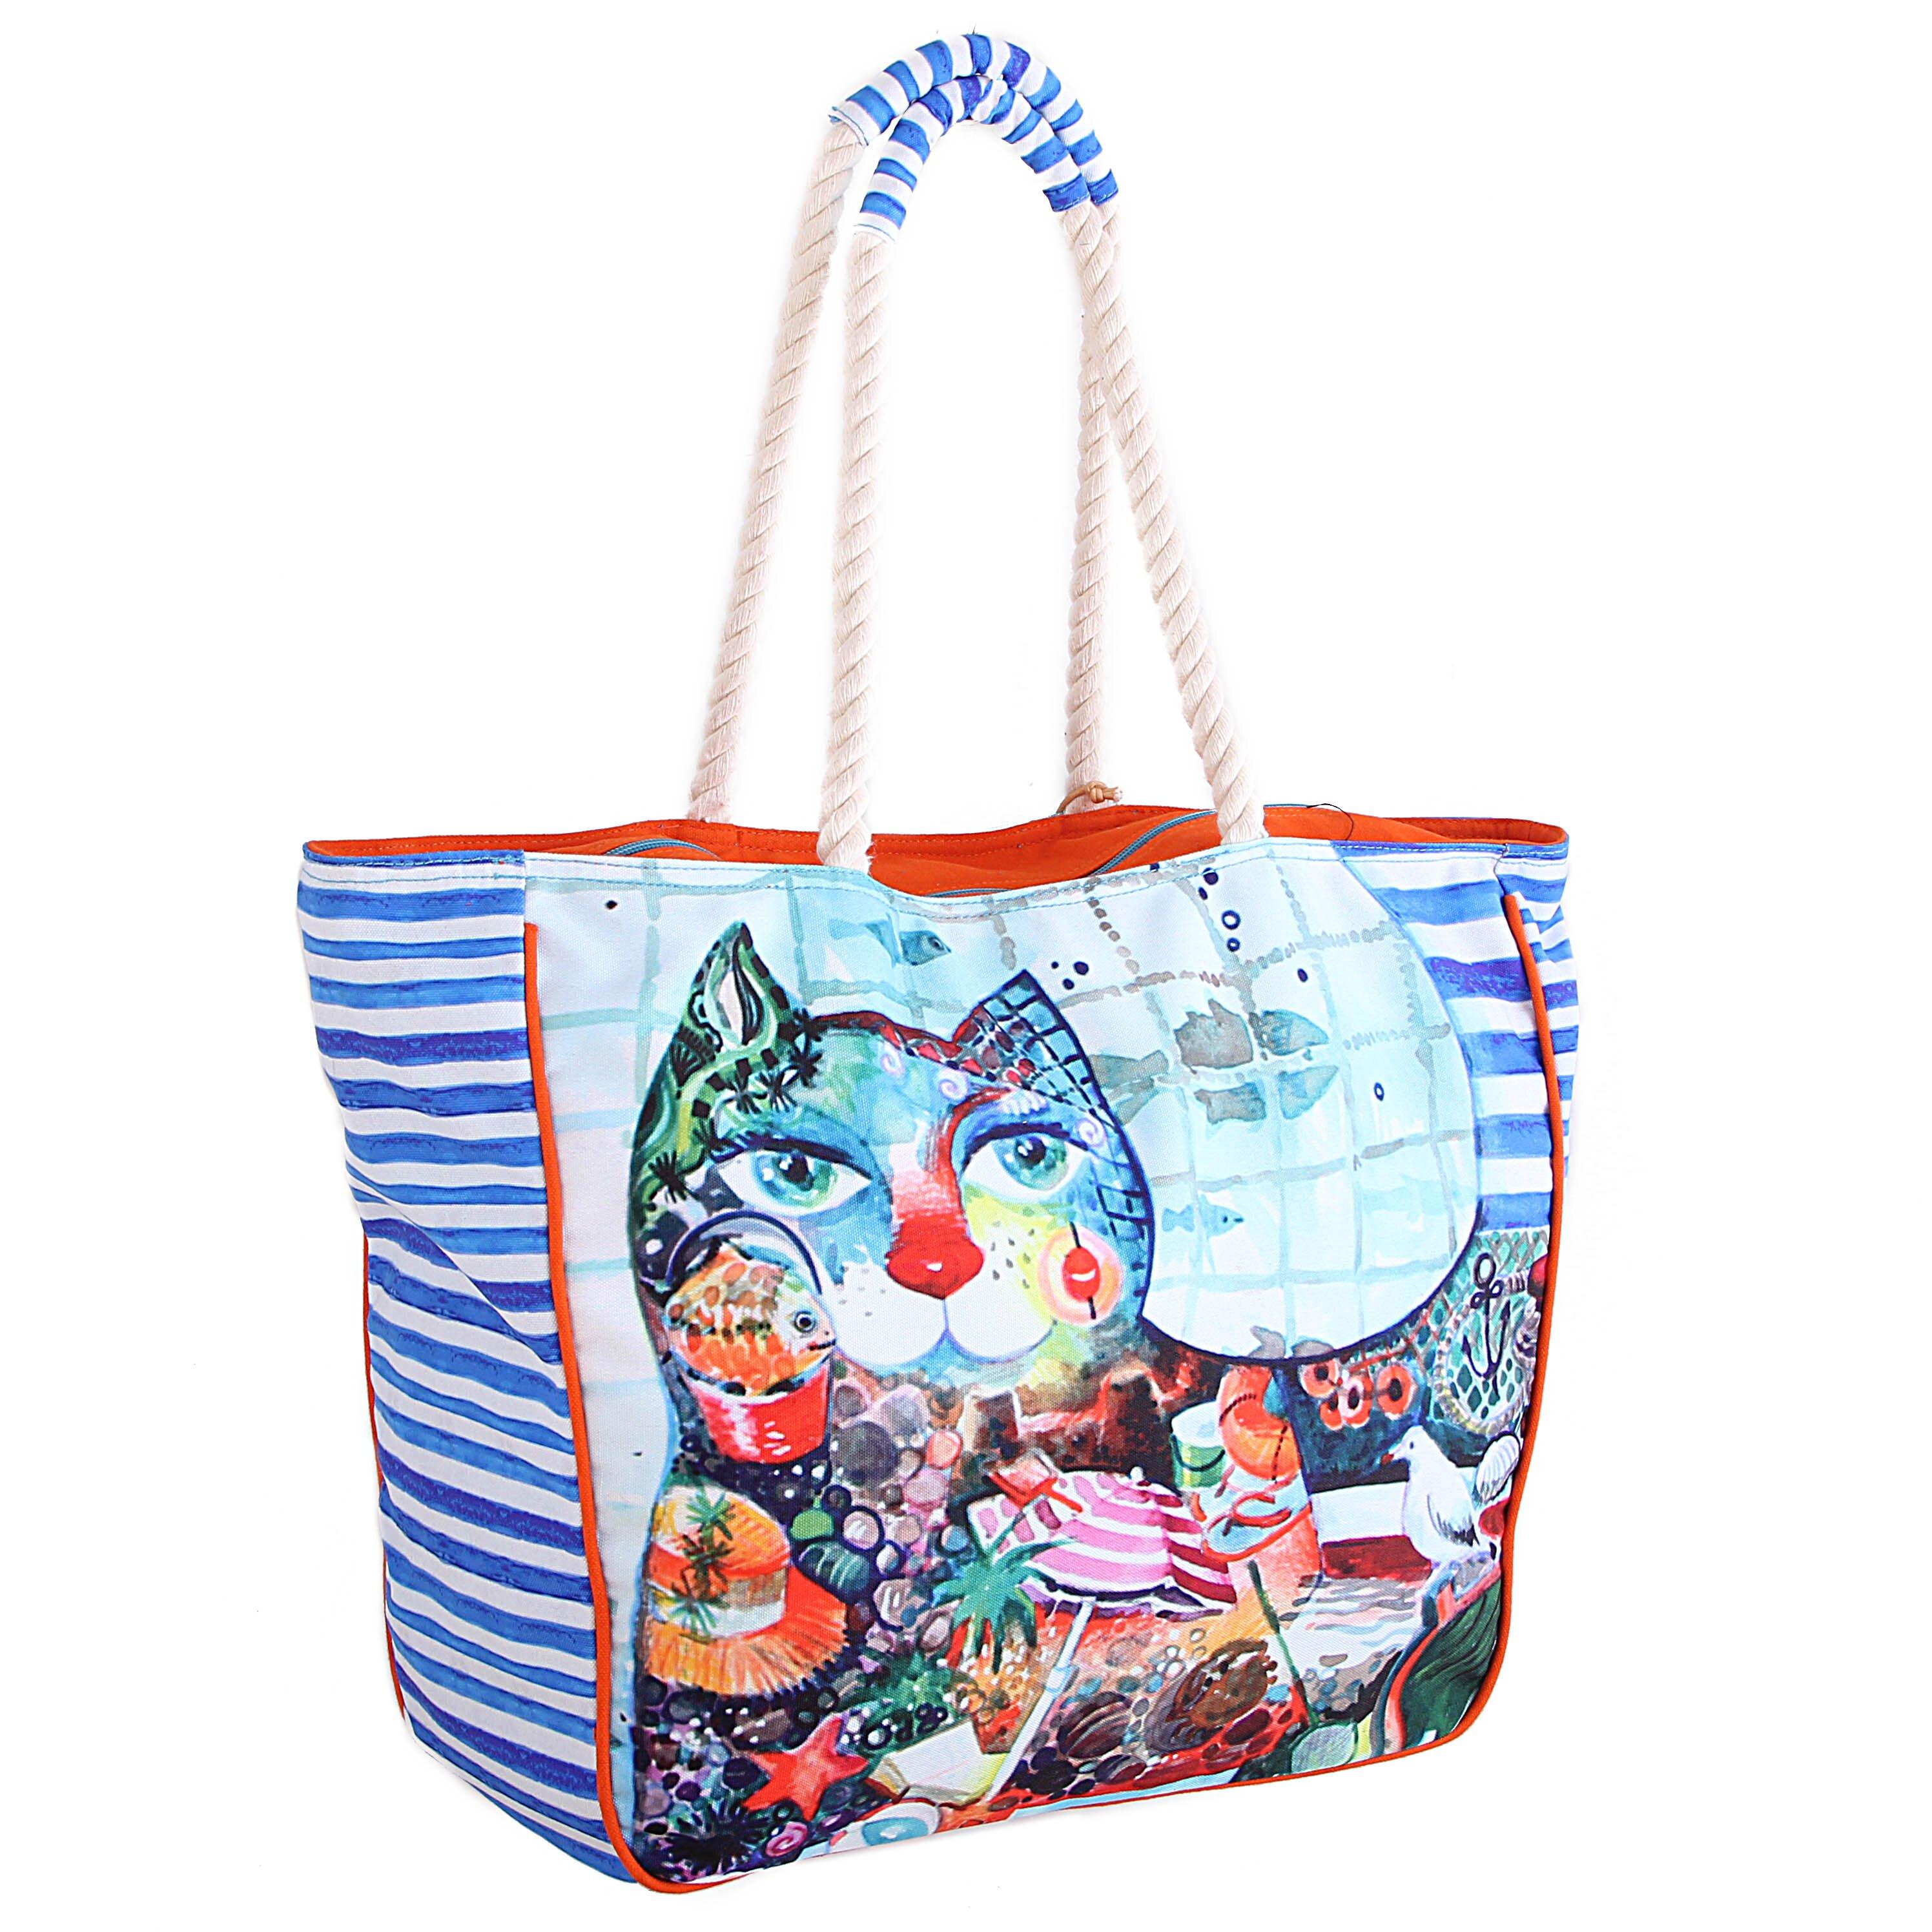 {} Ганг Сумка Amado (16х35х40 см) сумка для коврика венера 16 см 70 см желтый